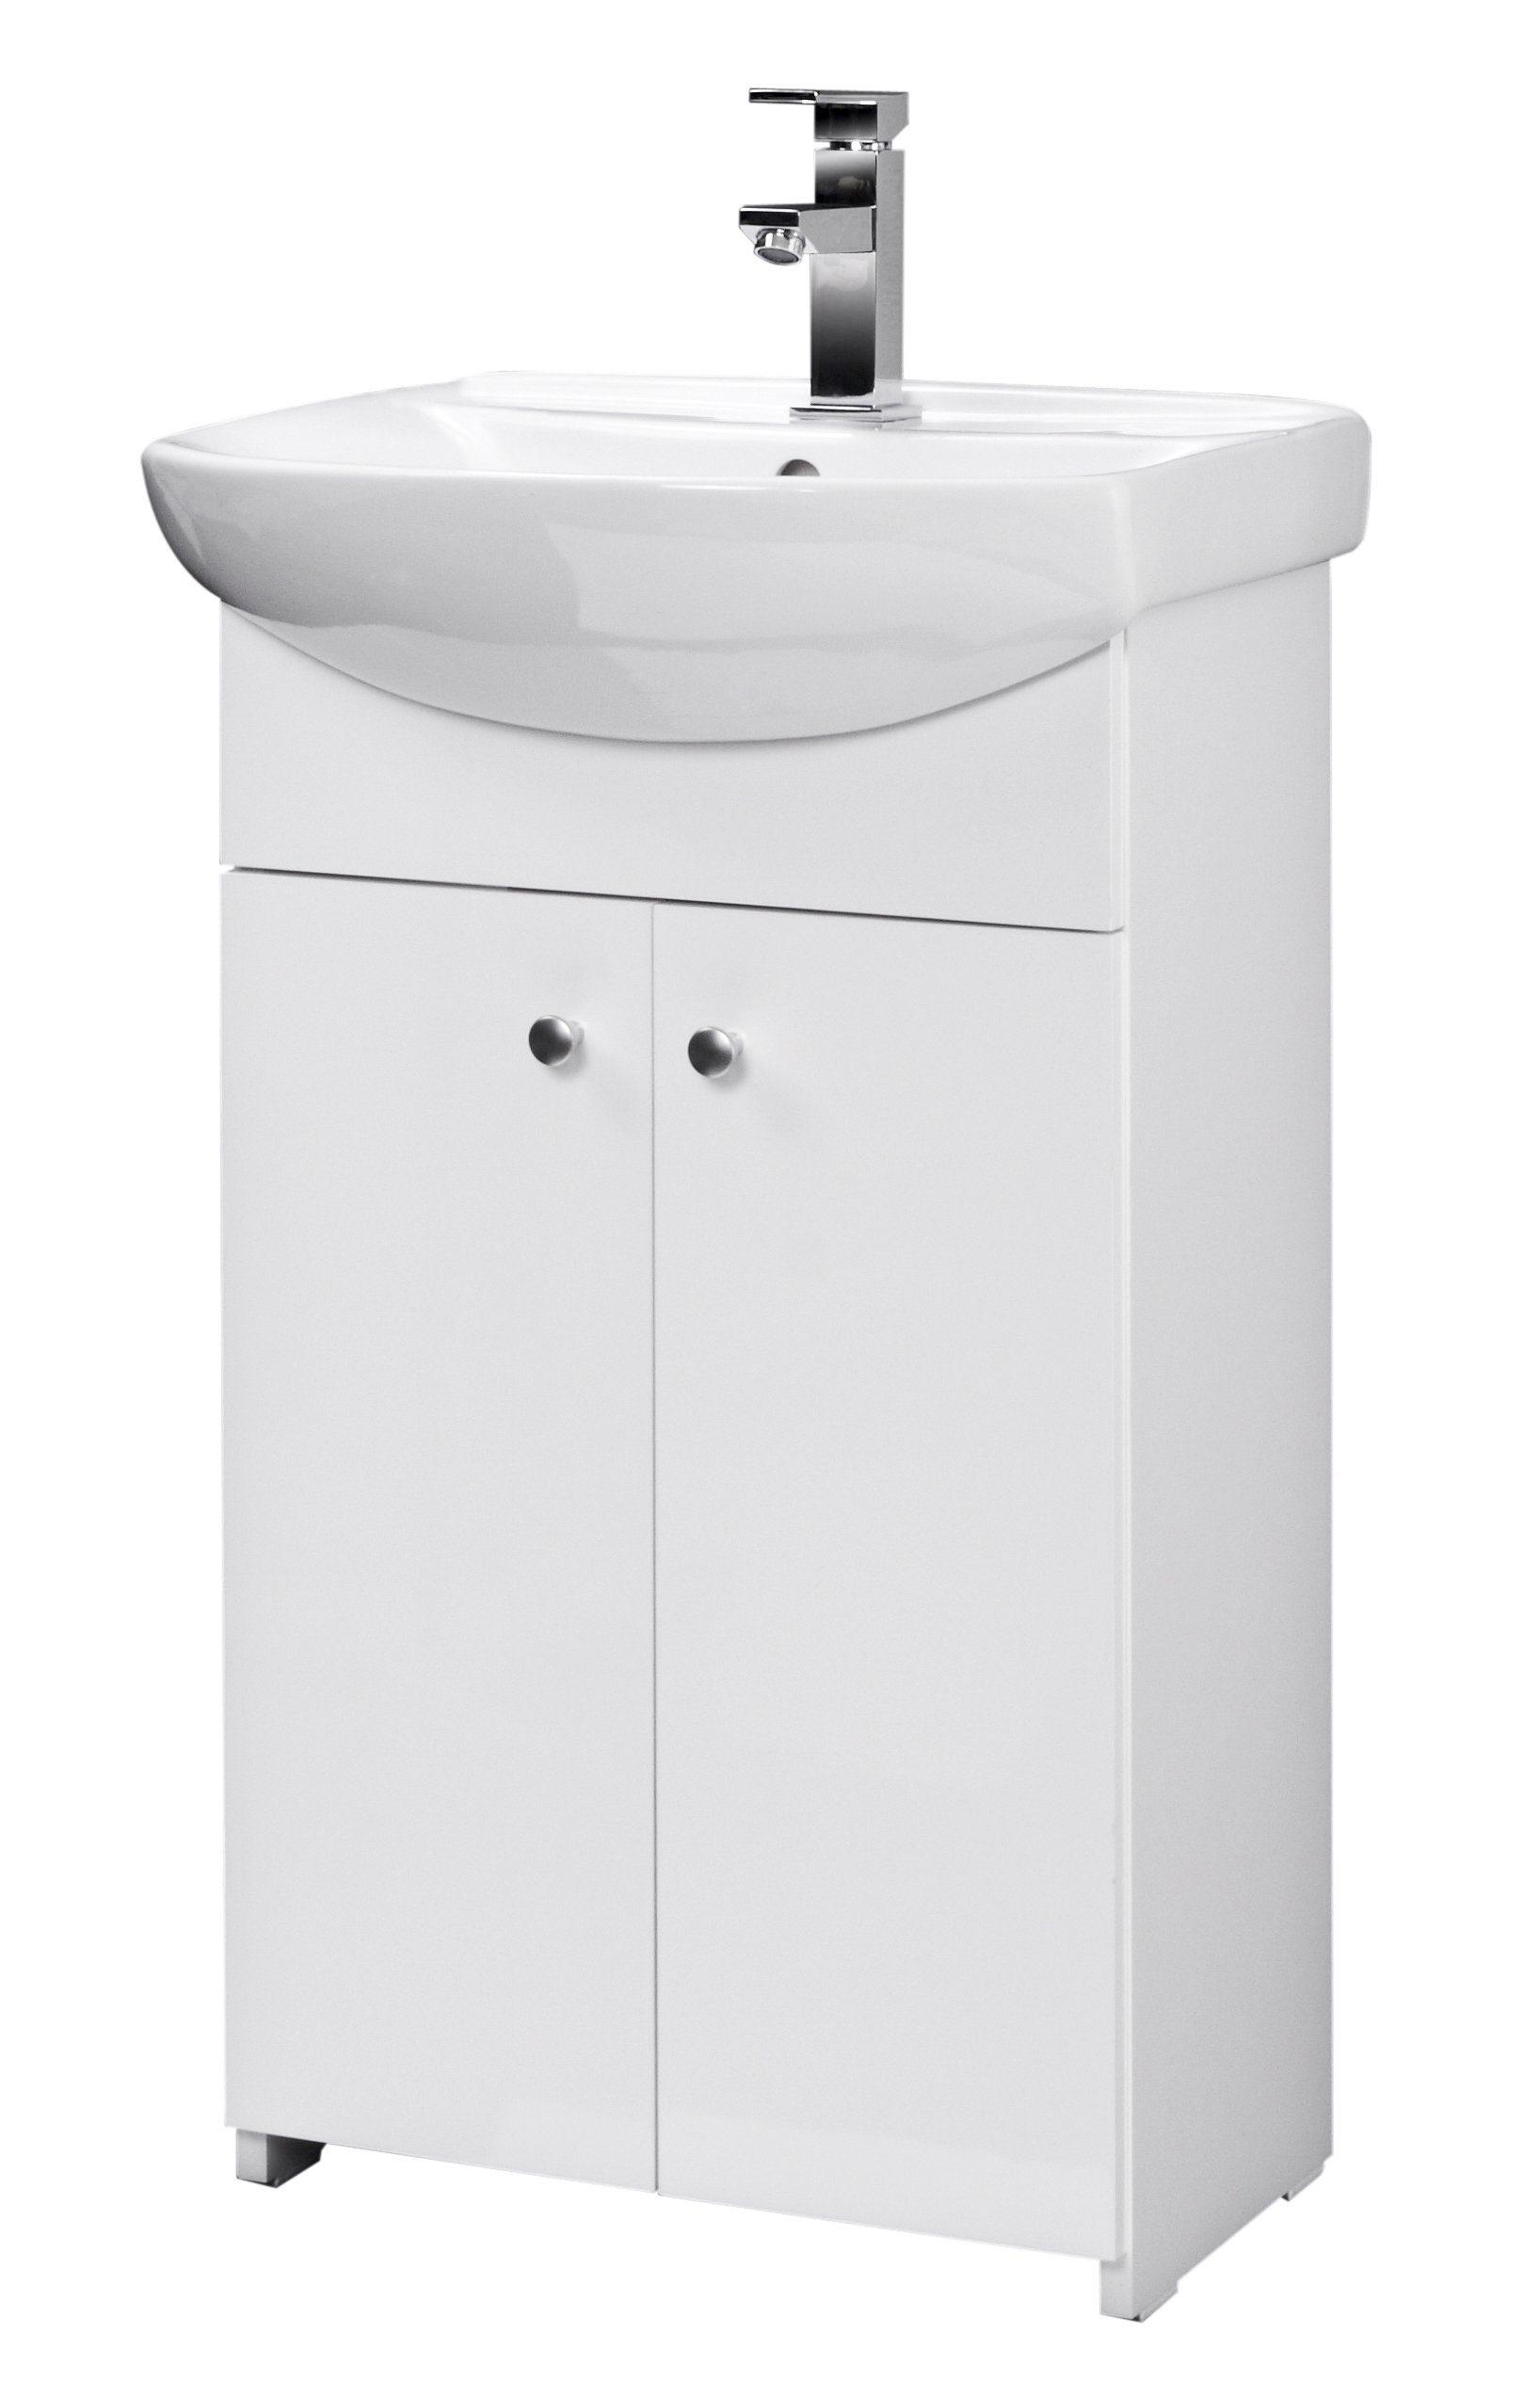 aquaform waschtisch maxi 2 breite 50 cm 2 tlg online kaufen otto. Black Bedroom Furniture Sets. Home Design Ideas